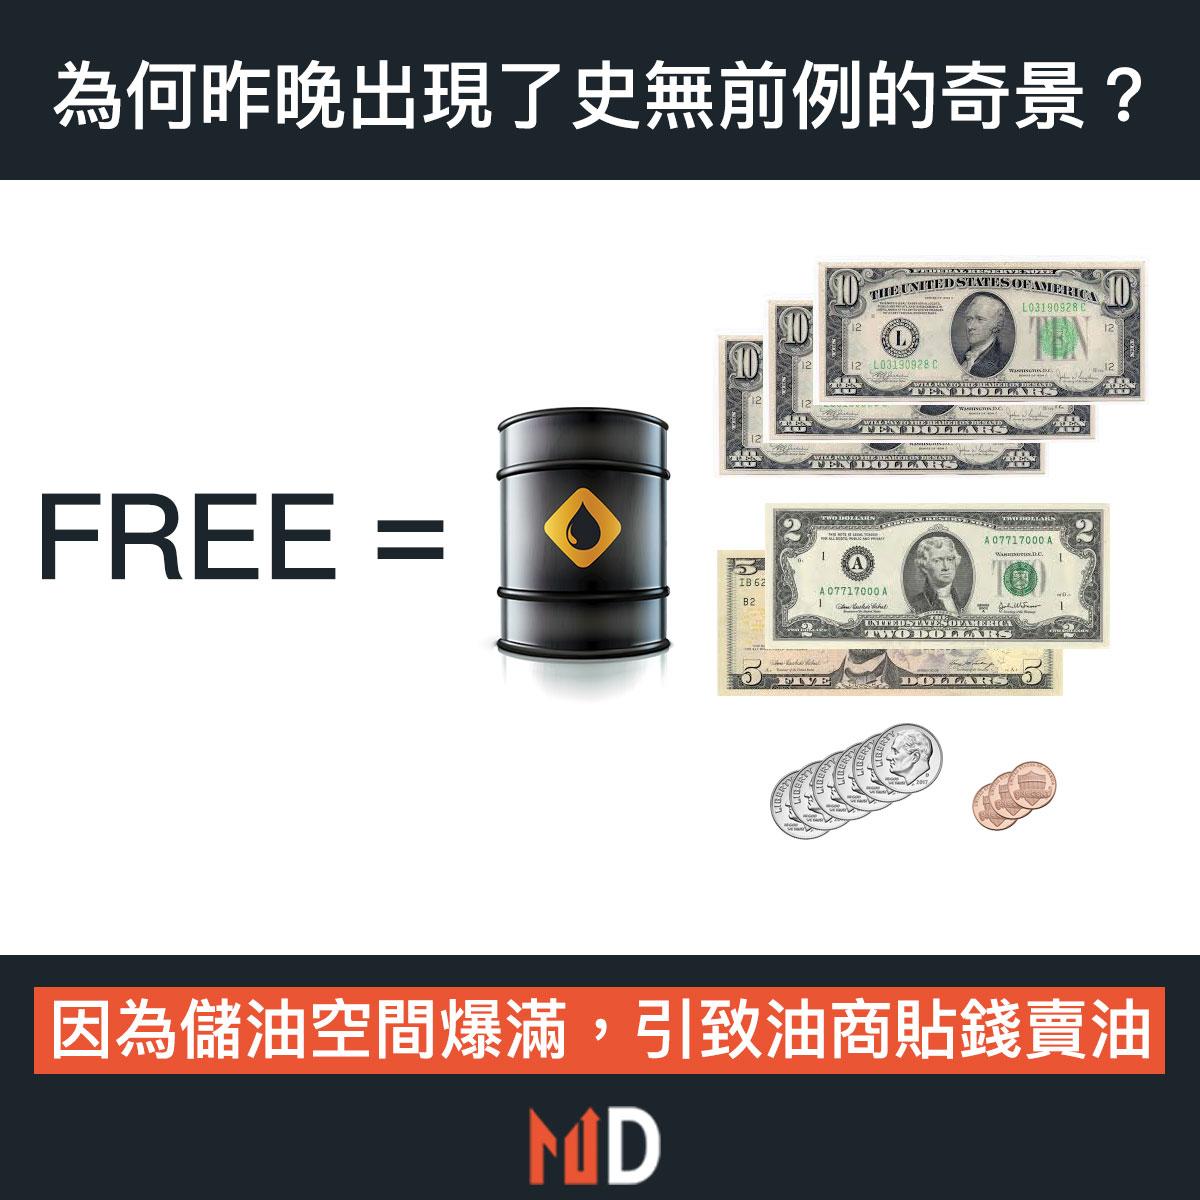 【市場熱話】為何昨晚出現了史無前例的「負油價」奇景?